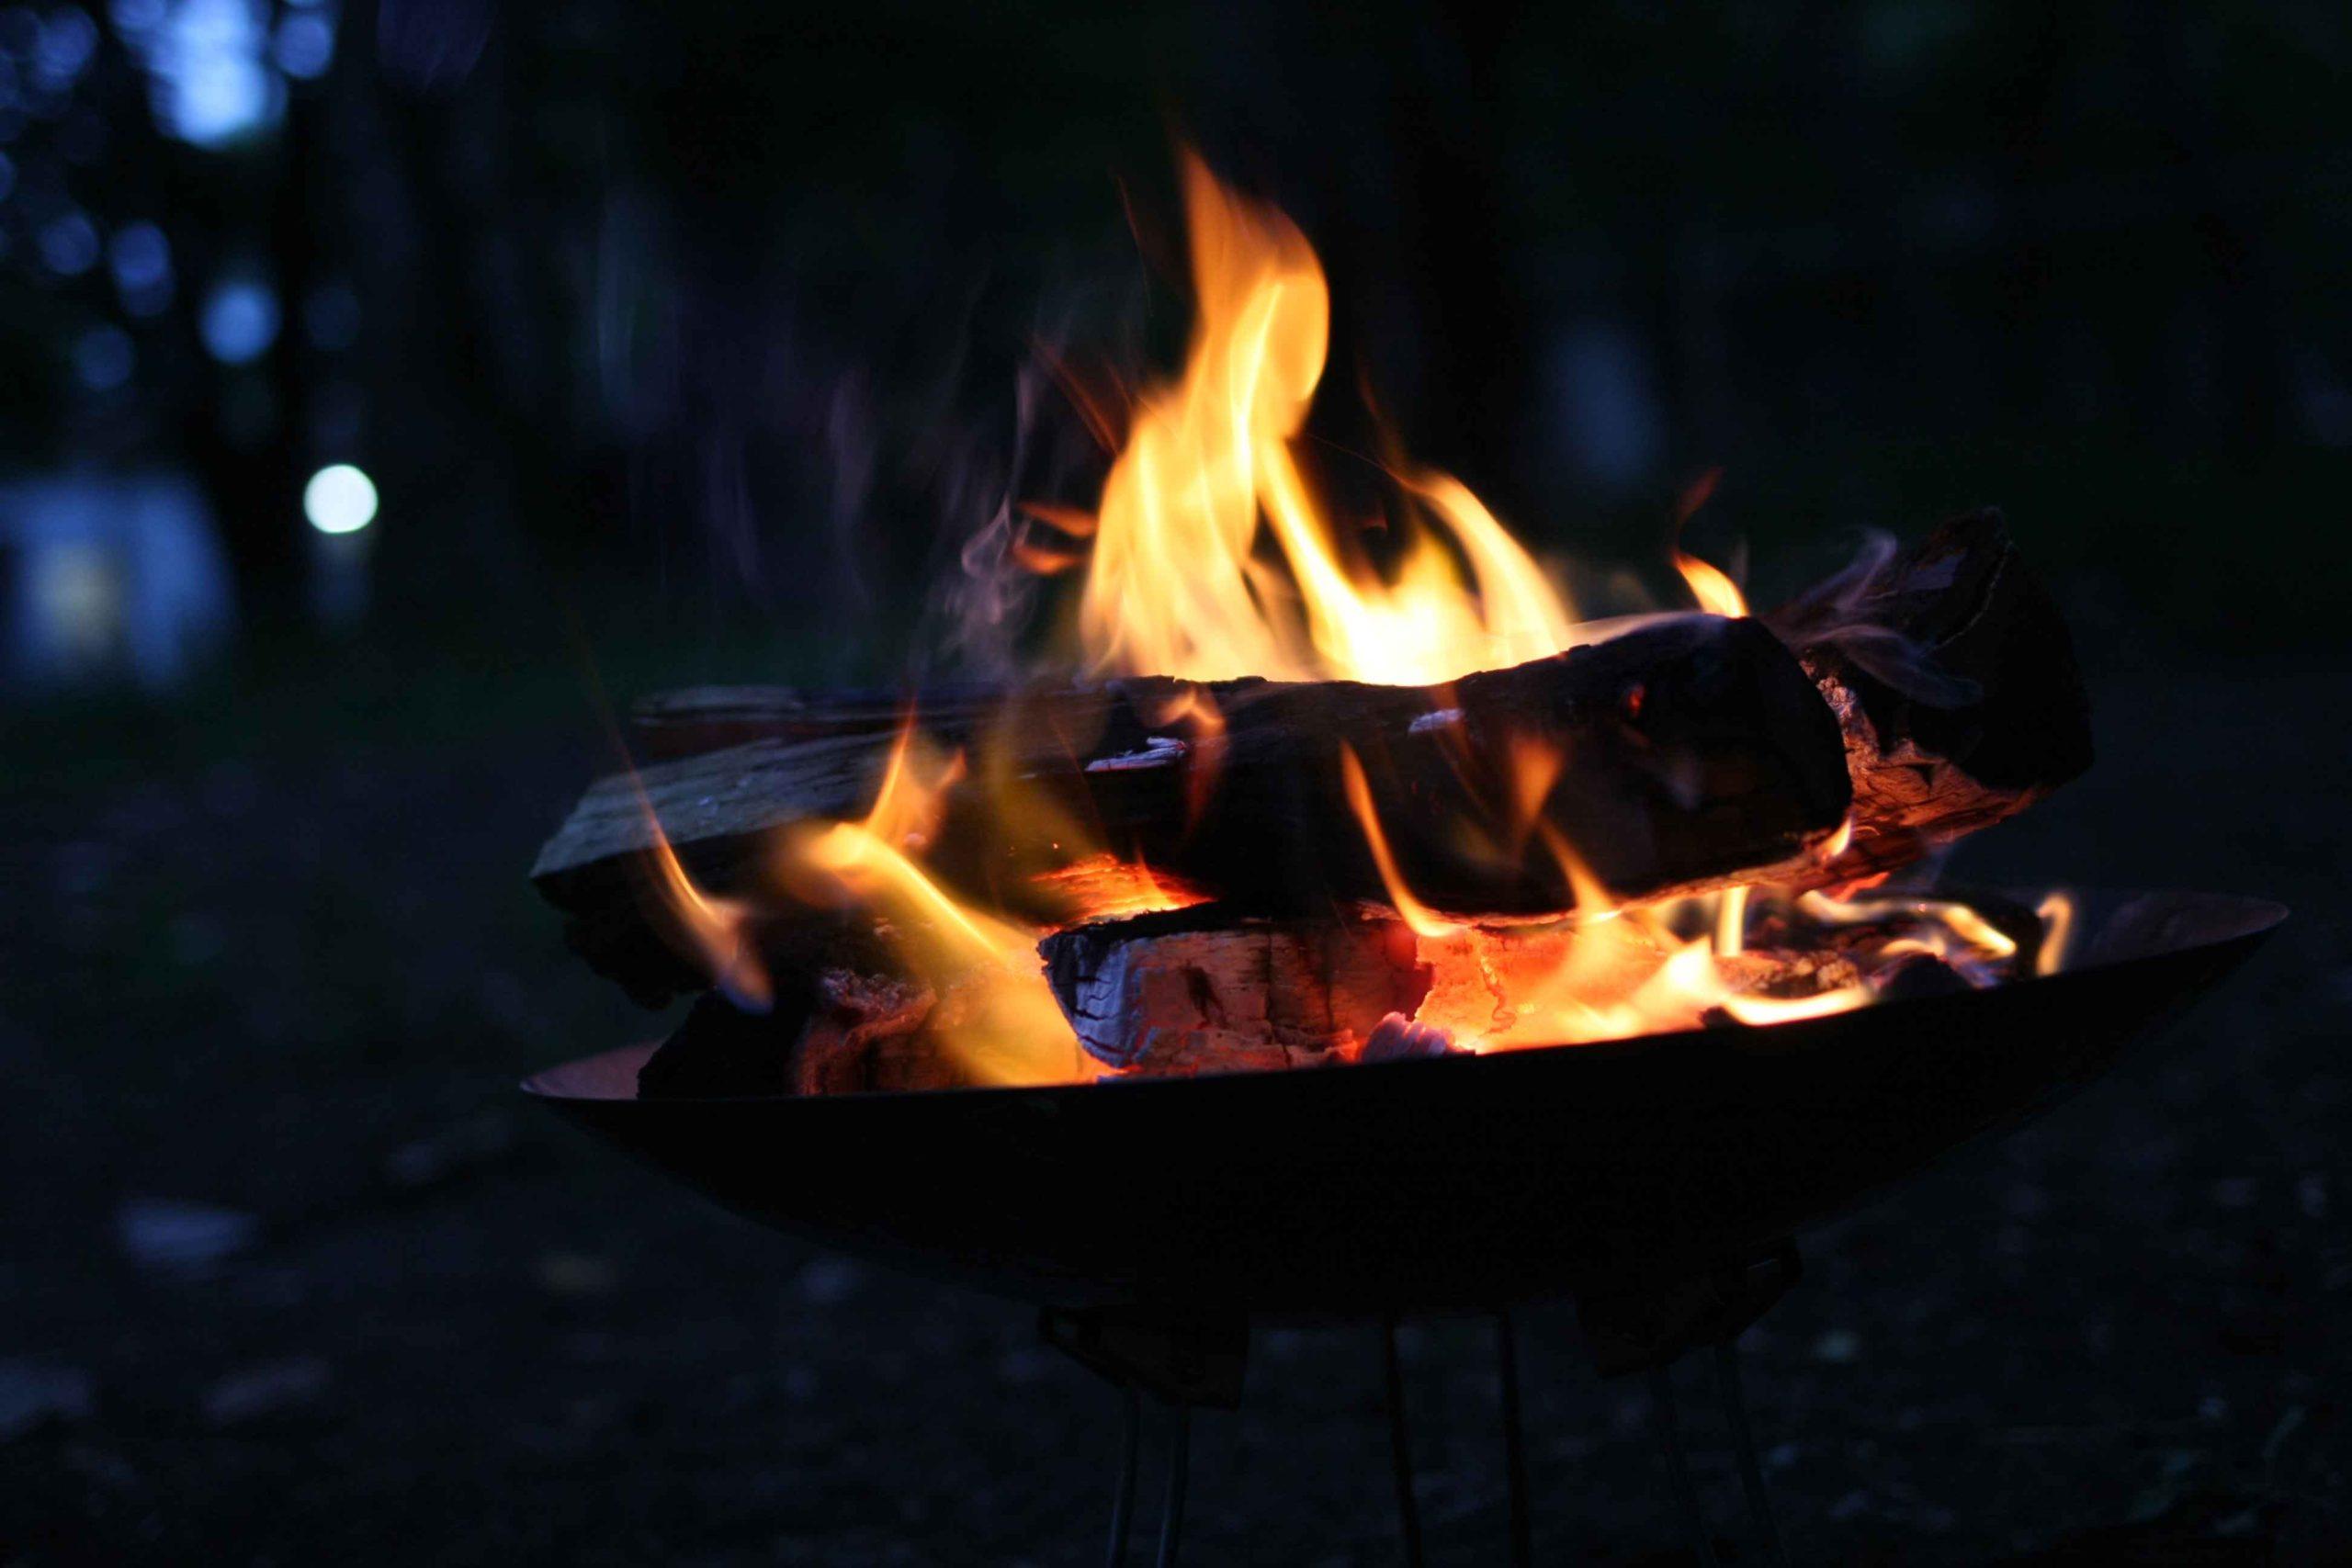 レイクロッジヤマナカでの焚火